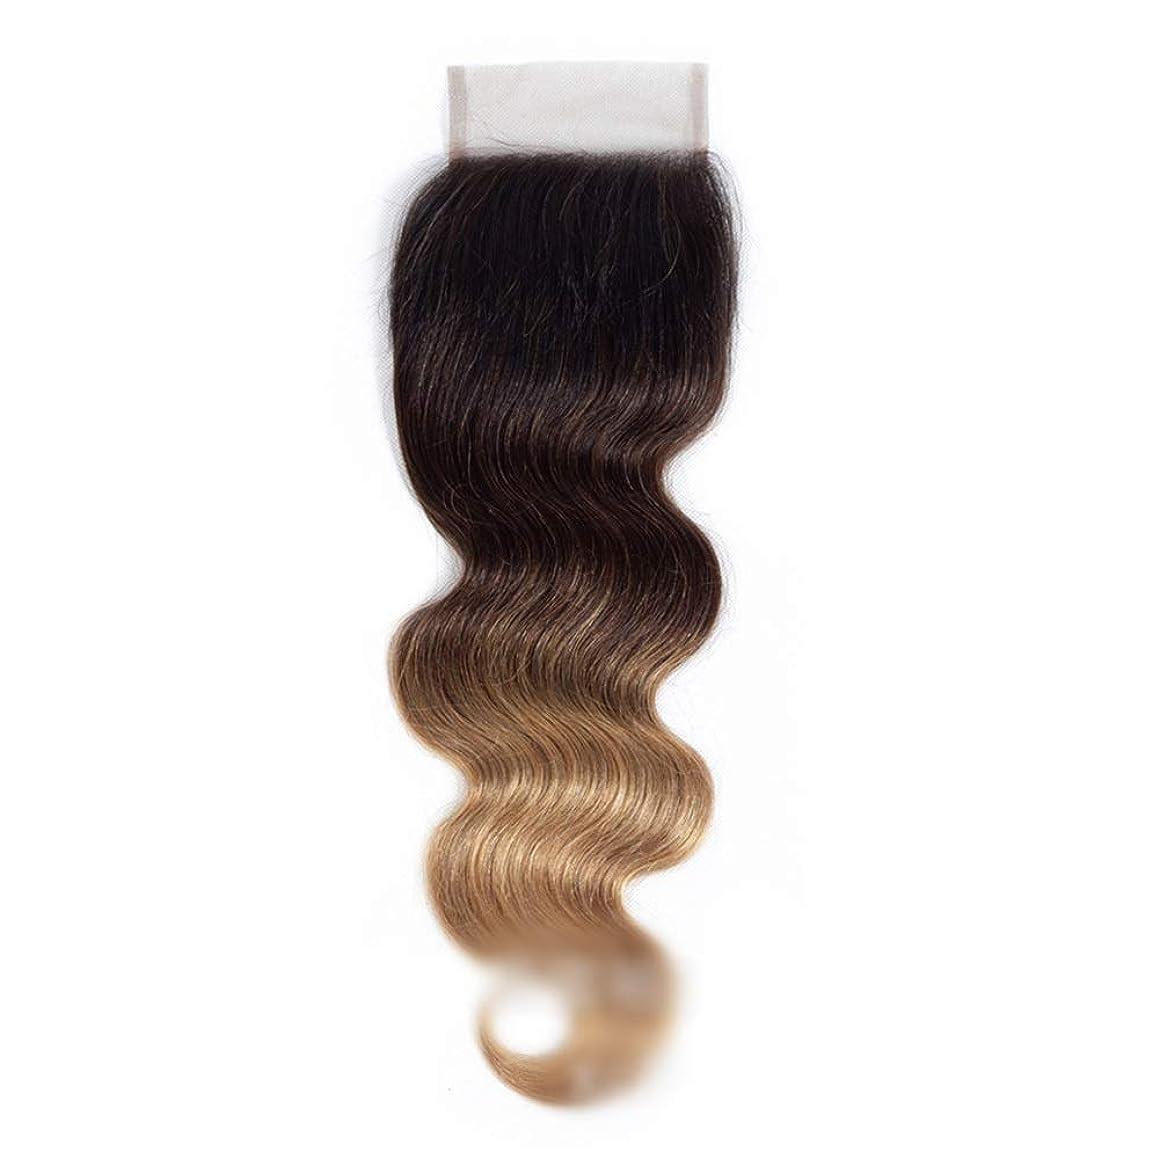 耐えられない有効な名目上のYESONEEP ブラジルの実体波人間の髪の毛の耳に4 * 4レース前頭閉鎖1B / 4/27 3トーンカラーブラウンウィッグロングストレートウィッグ (色 : ブラウン, サイズ : 18 inch)